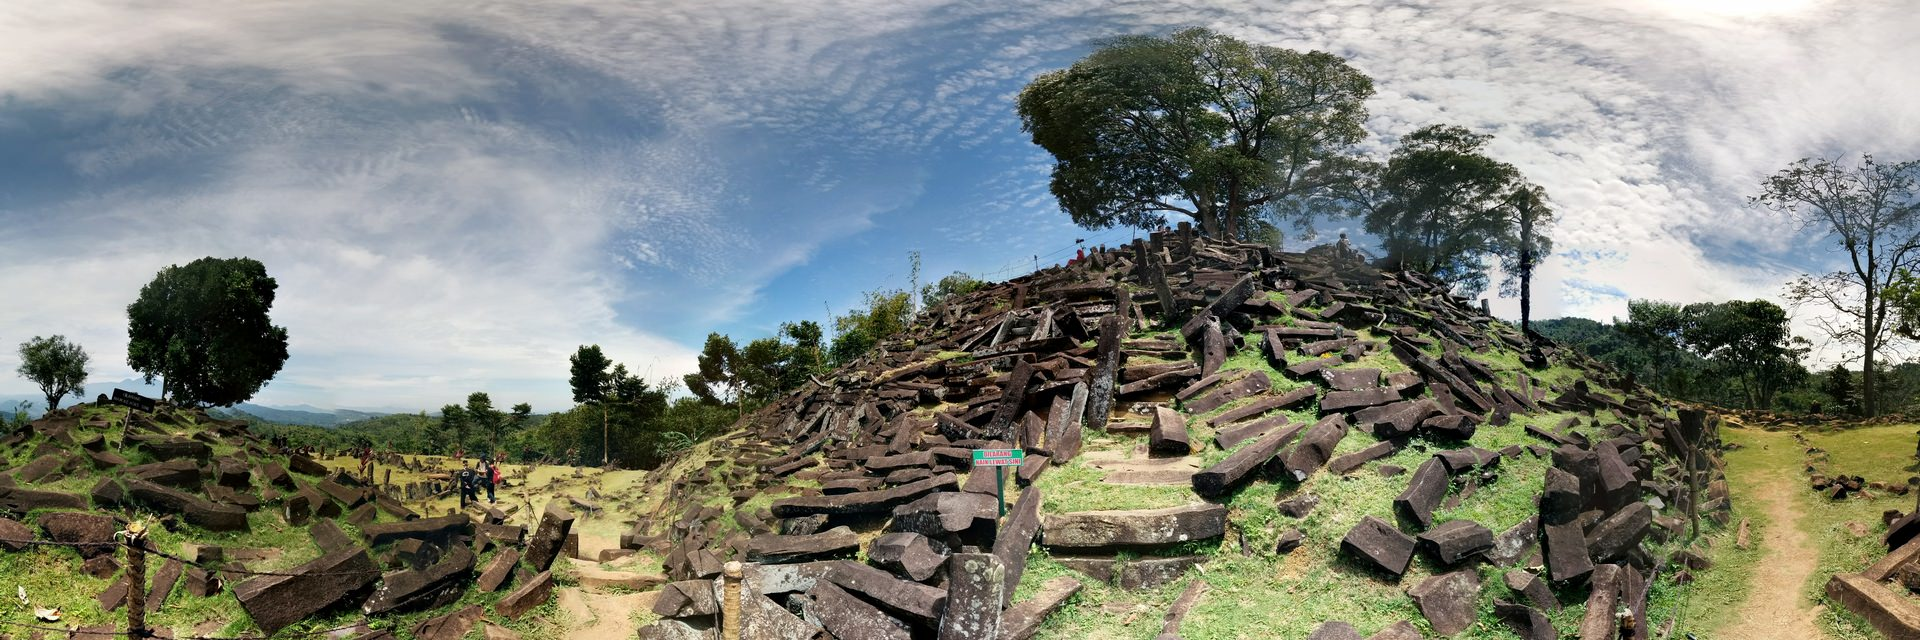 Menjelajahi Gunung Padang yang Penuh Misteri Tak Terjawab